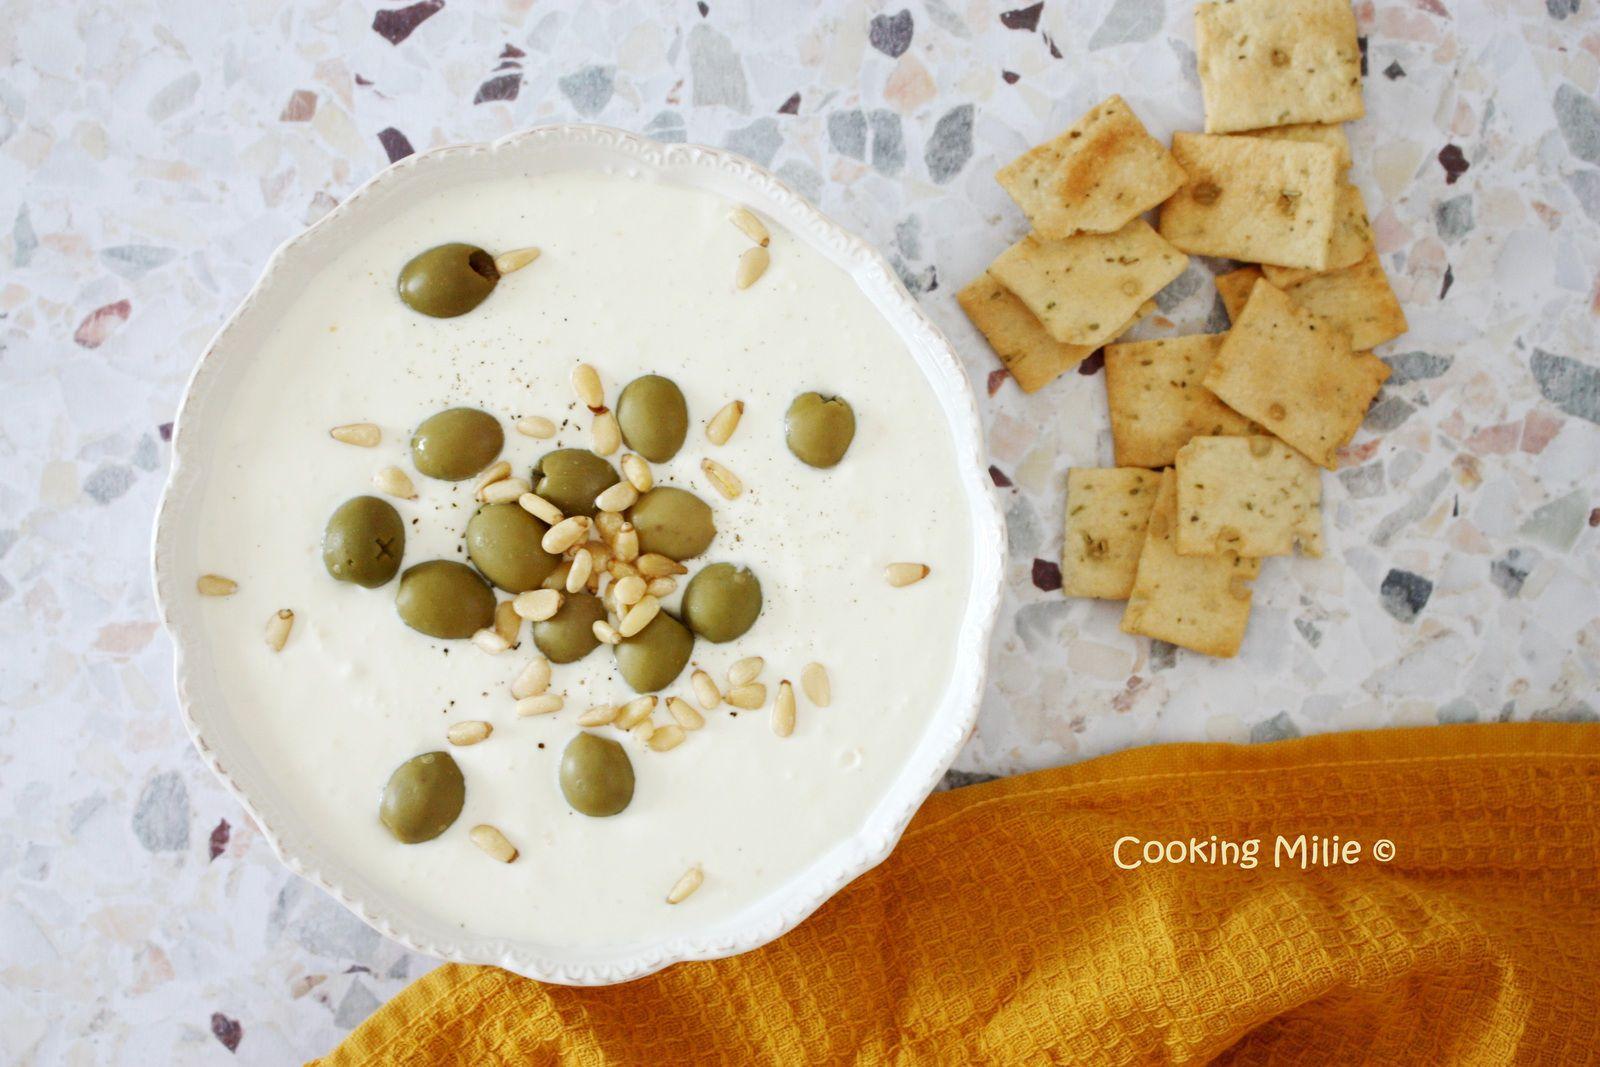 Apéritif dinatoire #118 - Crème de feta aux olives vertes